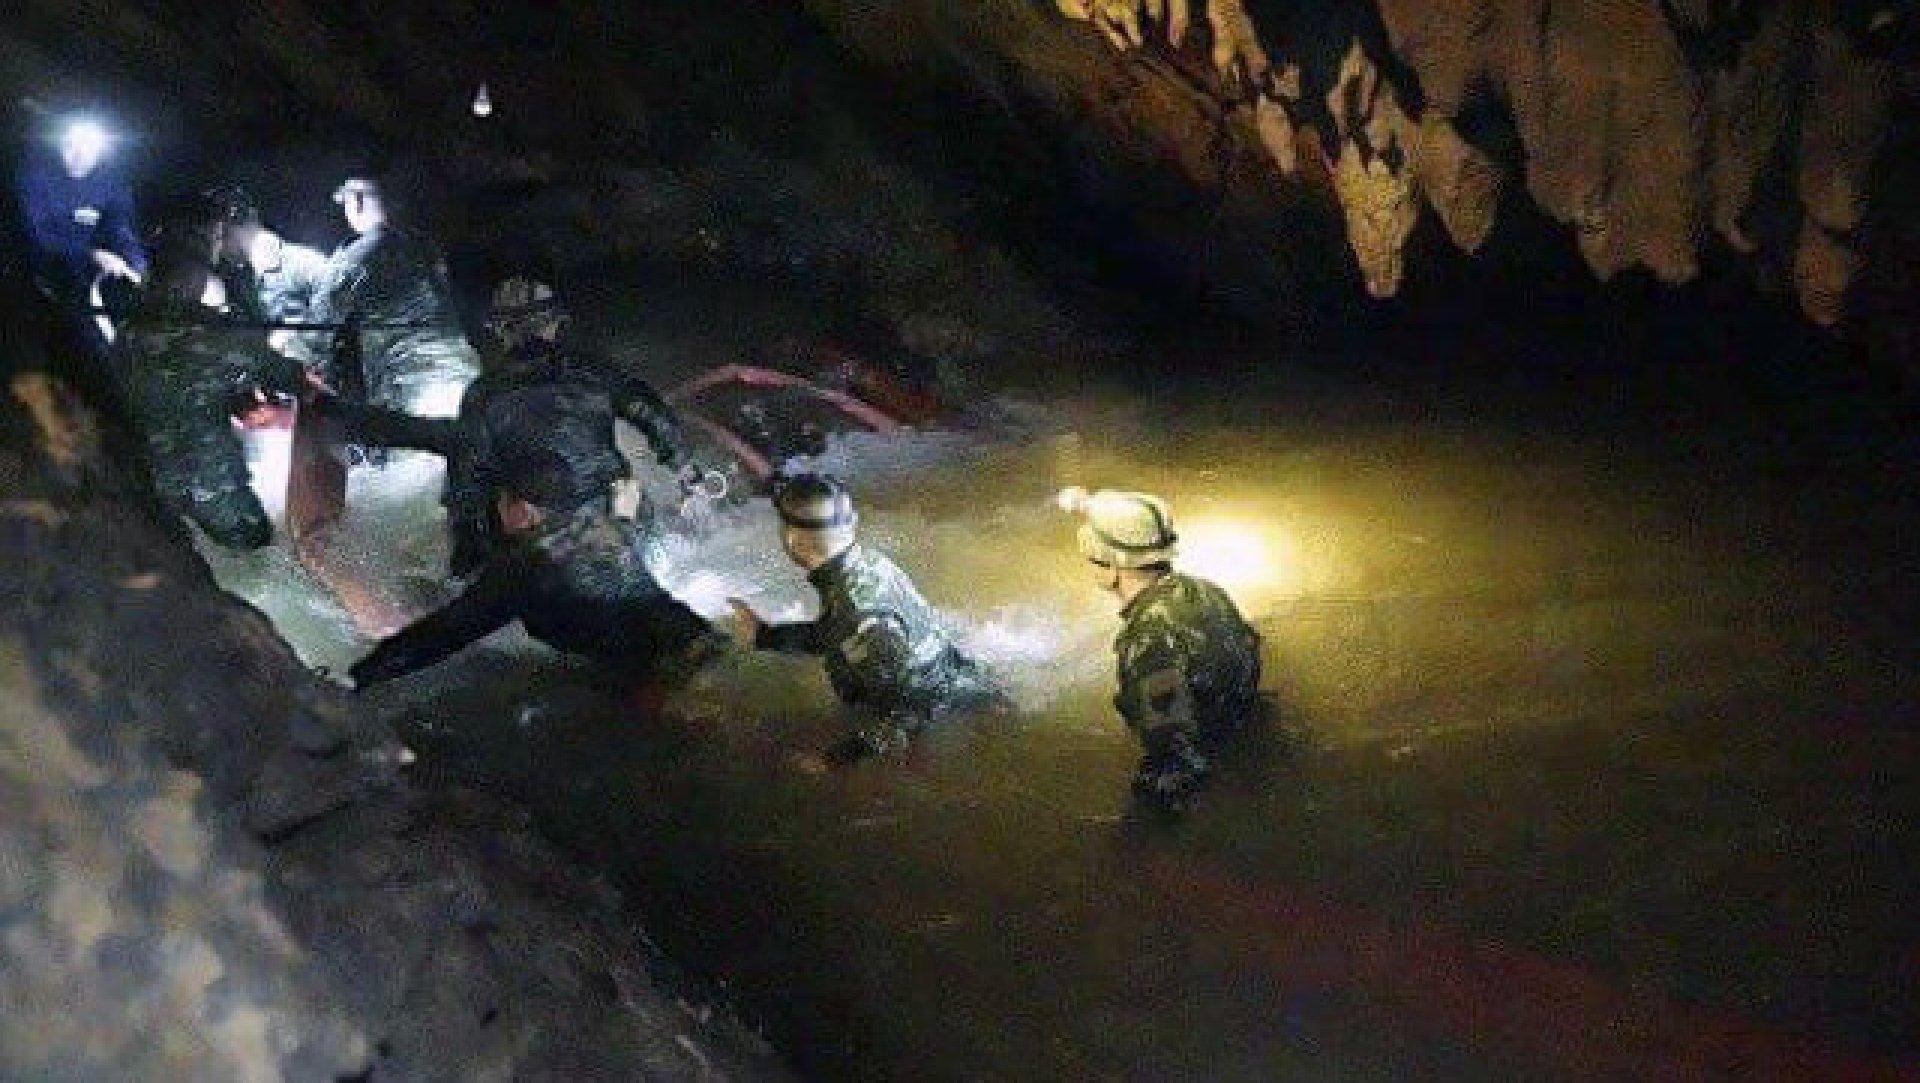 Спасательная операция в Тайланде завершилаь успешно: вывели всех детей и тренера